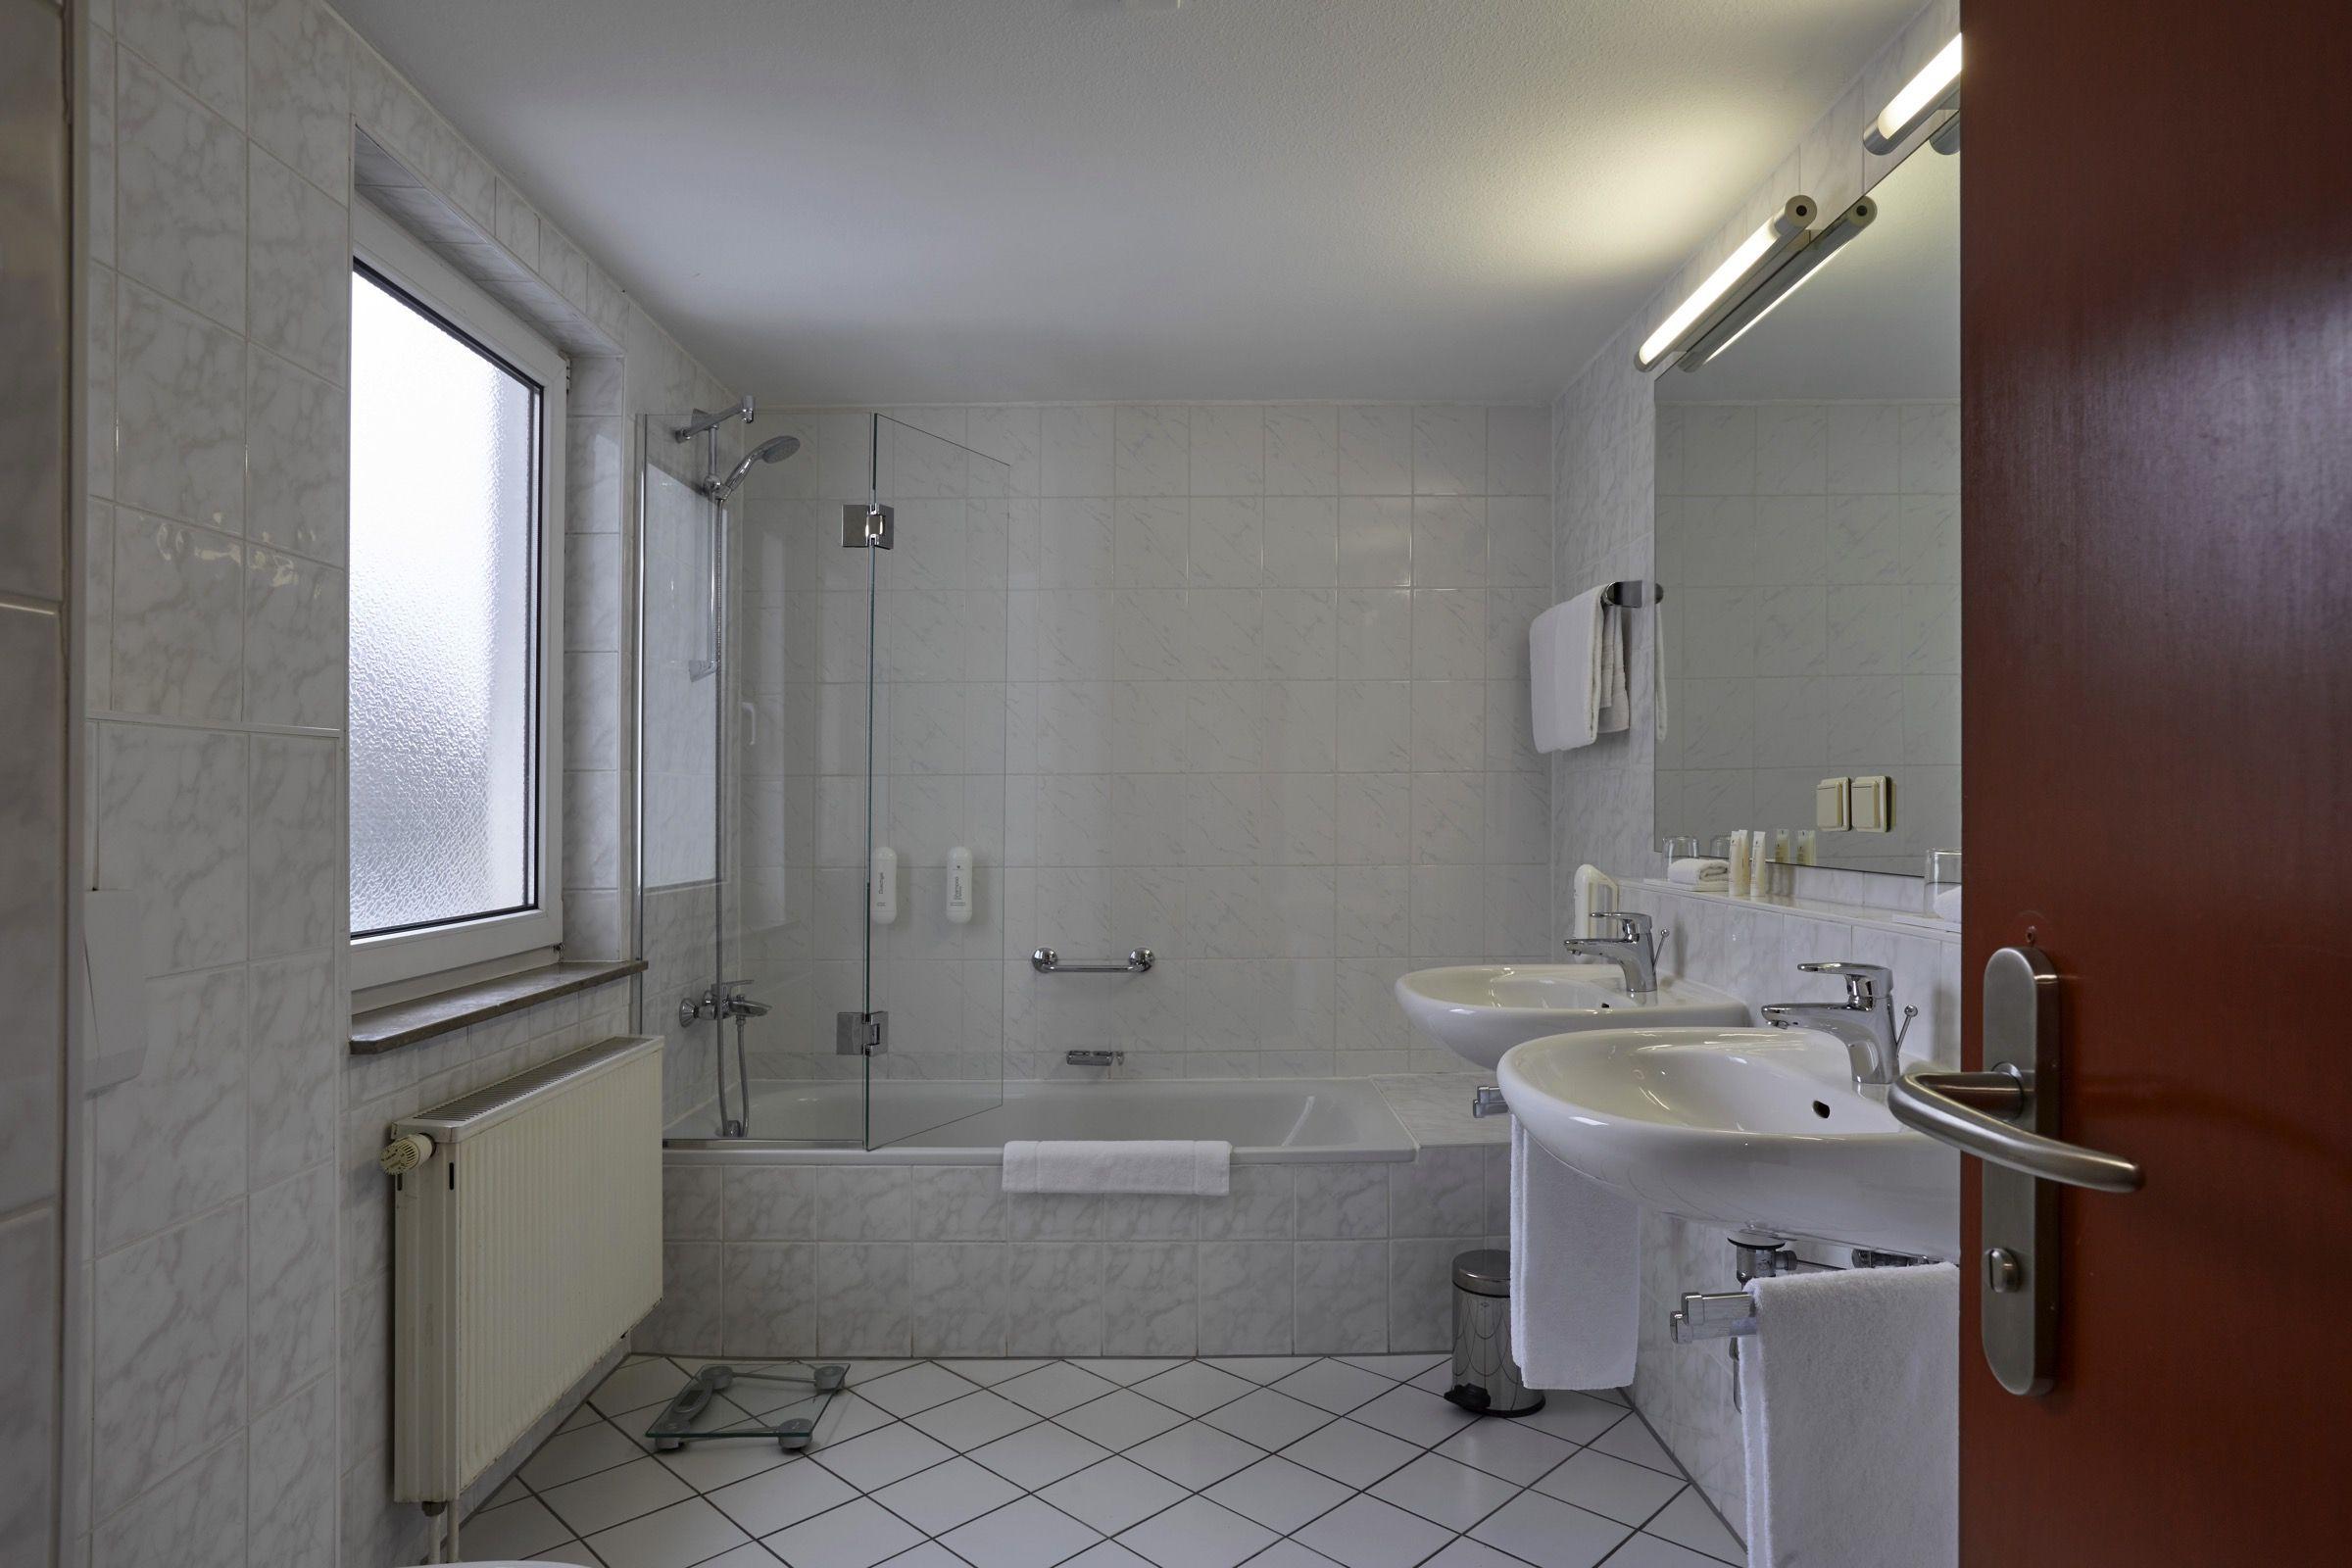 Badezimmer Hotel ~ Die besten 25 hotel darmstadt ideen auf pinterest hotel